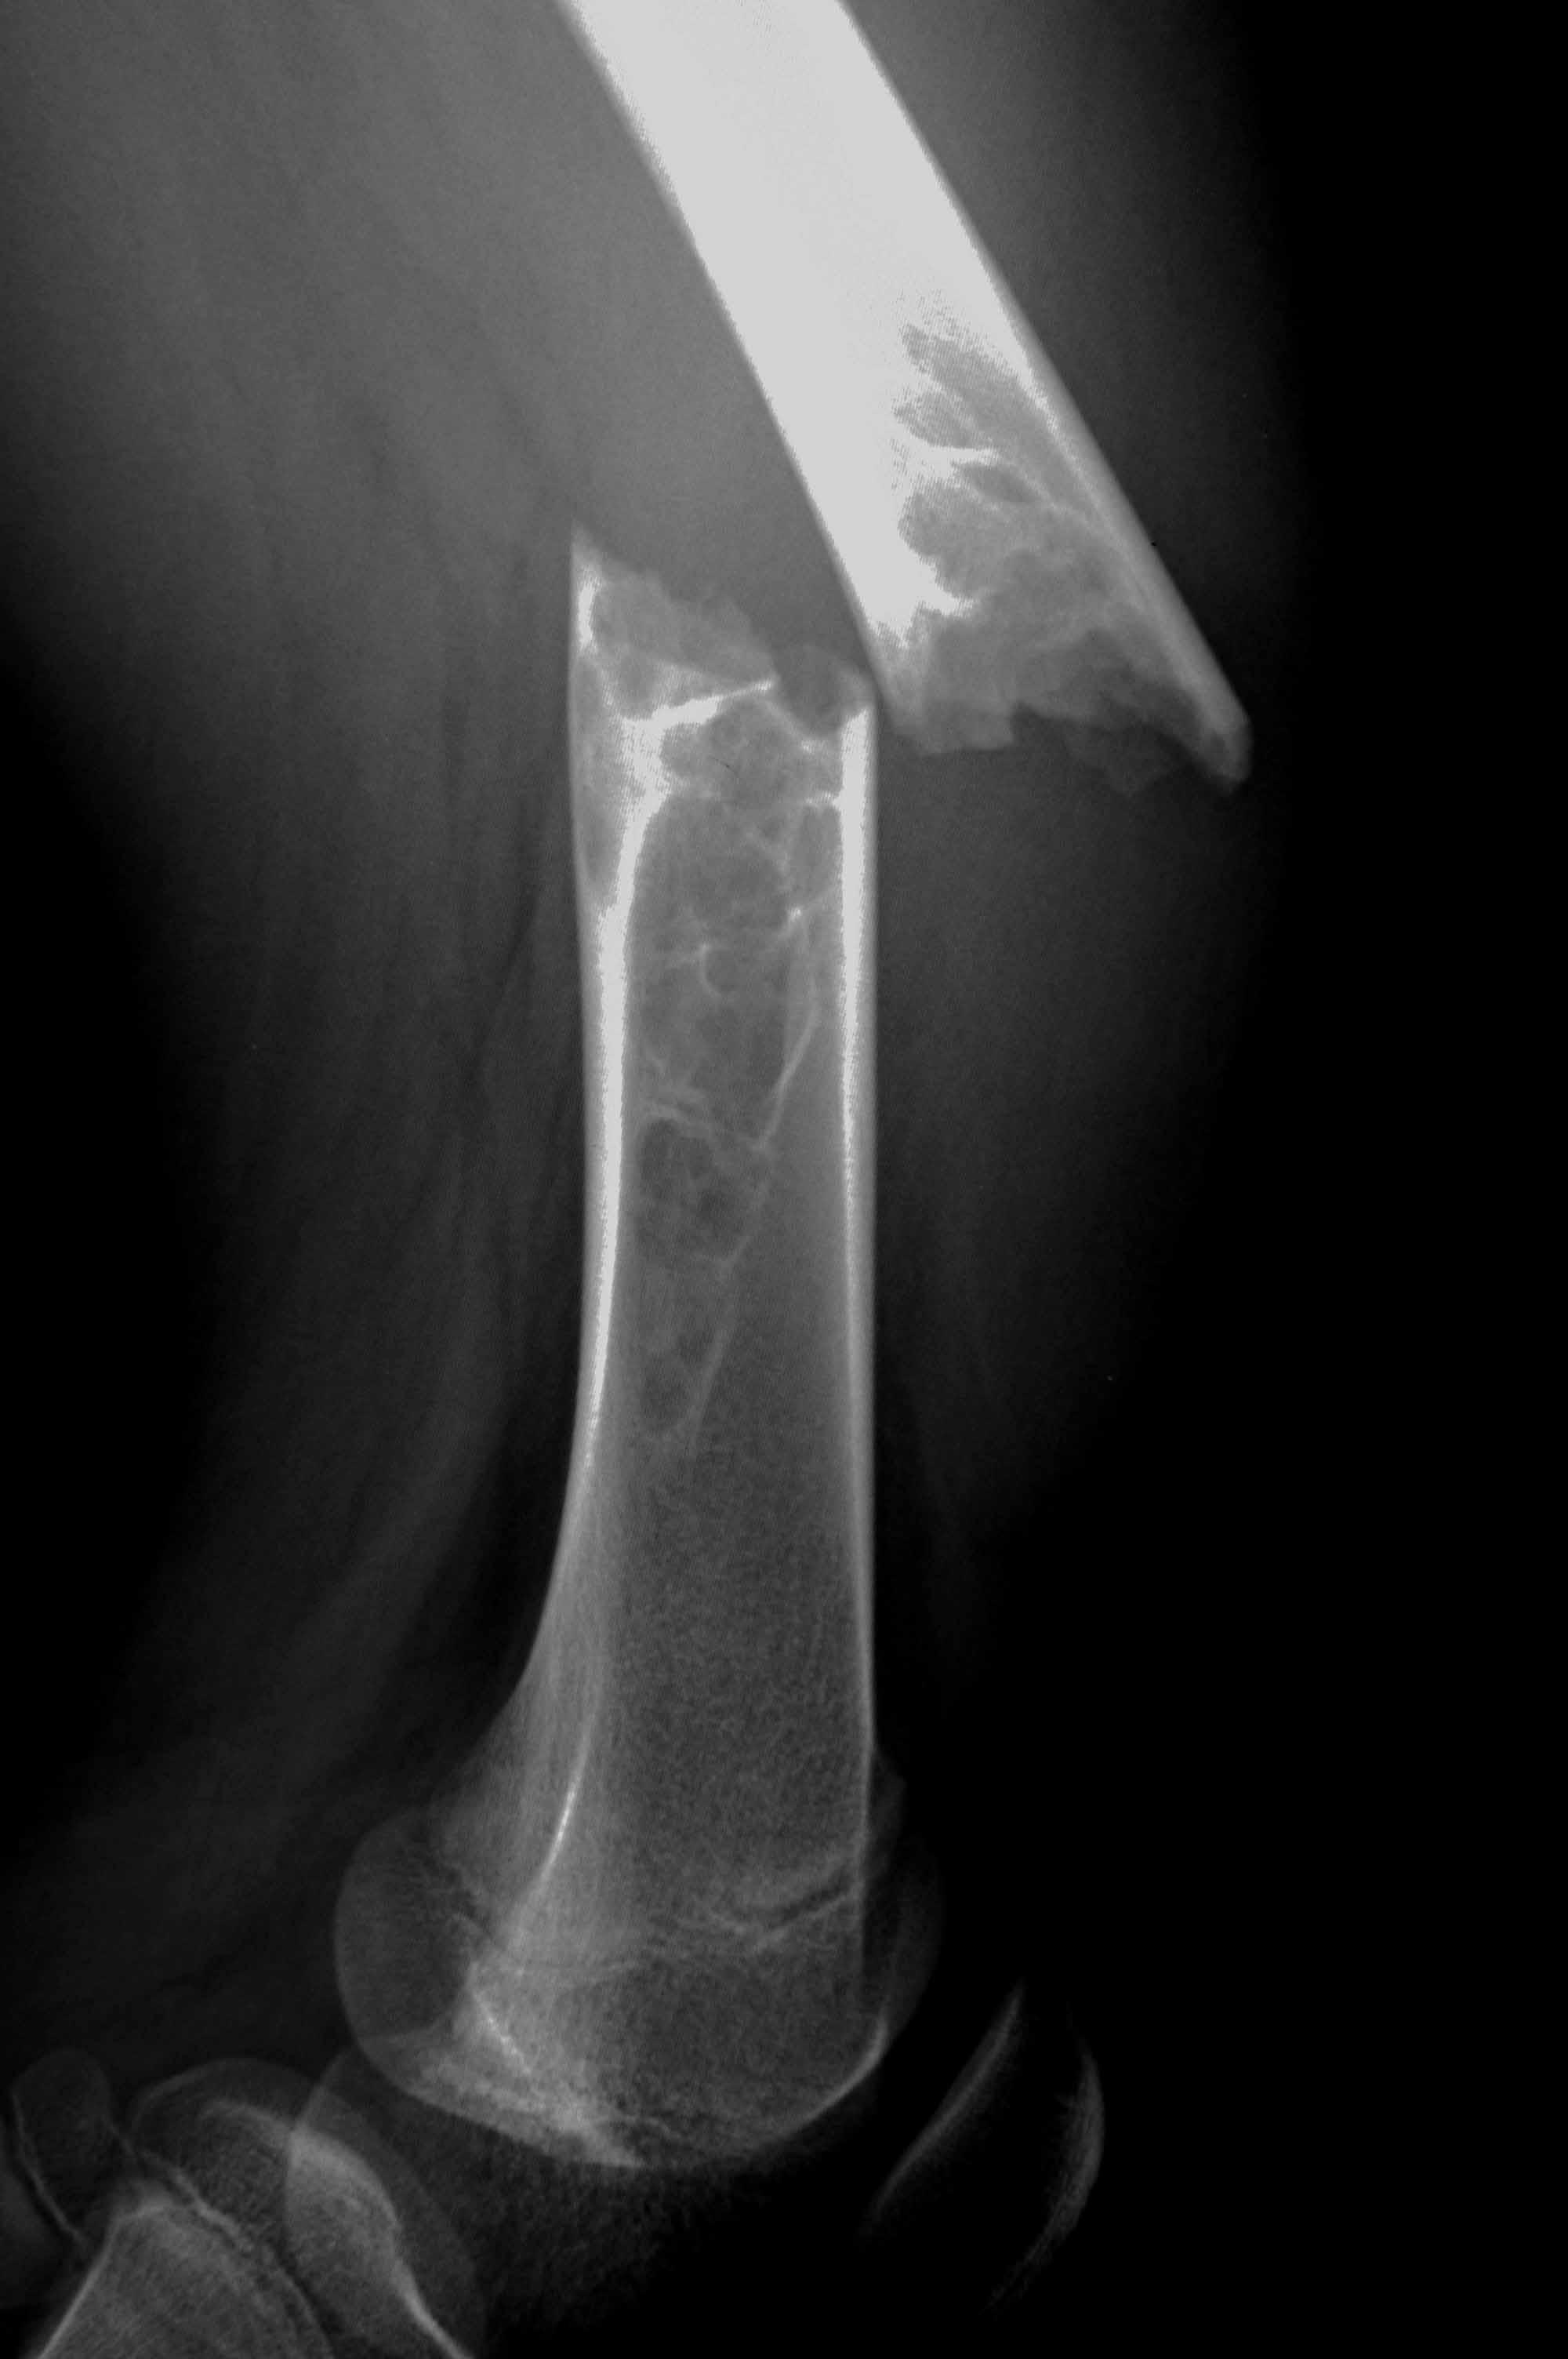 骨折病人吃什么好_骨折愈合时间_骨折病人的